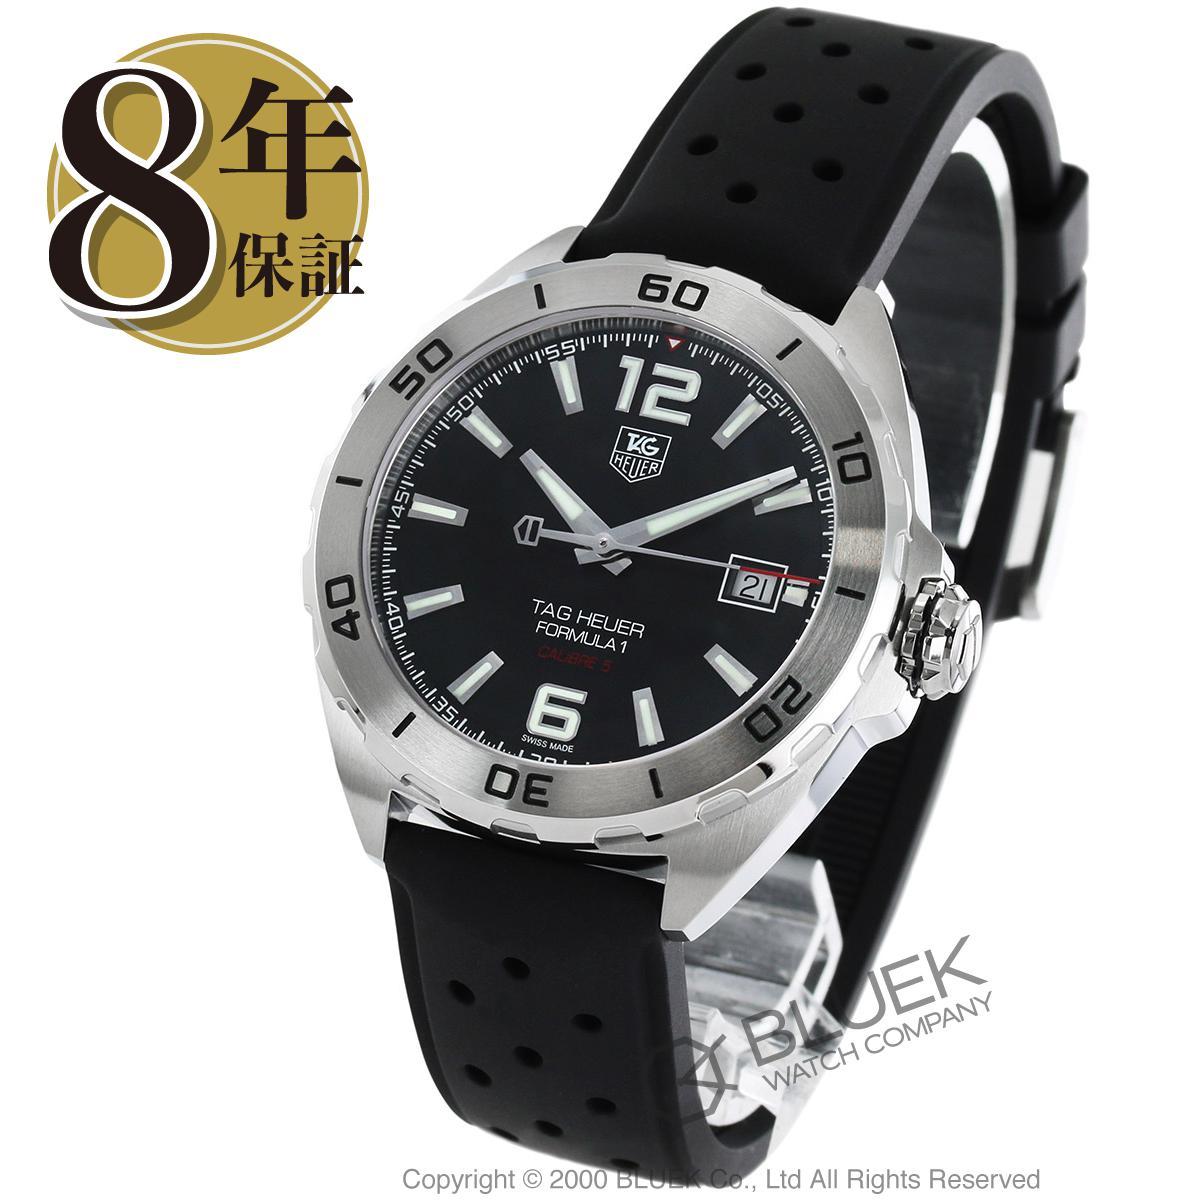 タグホイヤー フォーミュラ1 腕時計 メンズ TAG Heuer WAZ2113.FT8023_8